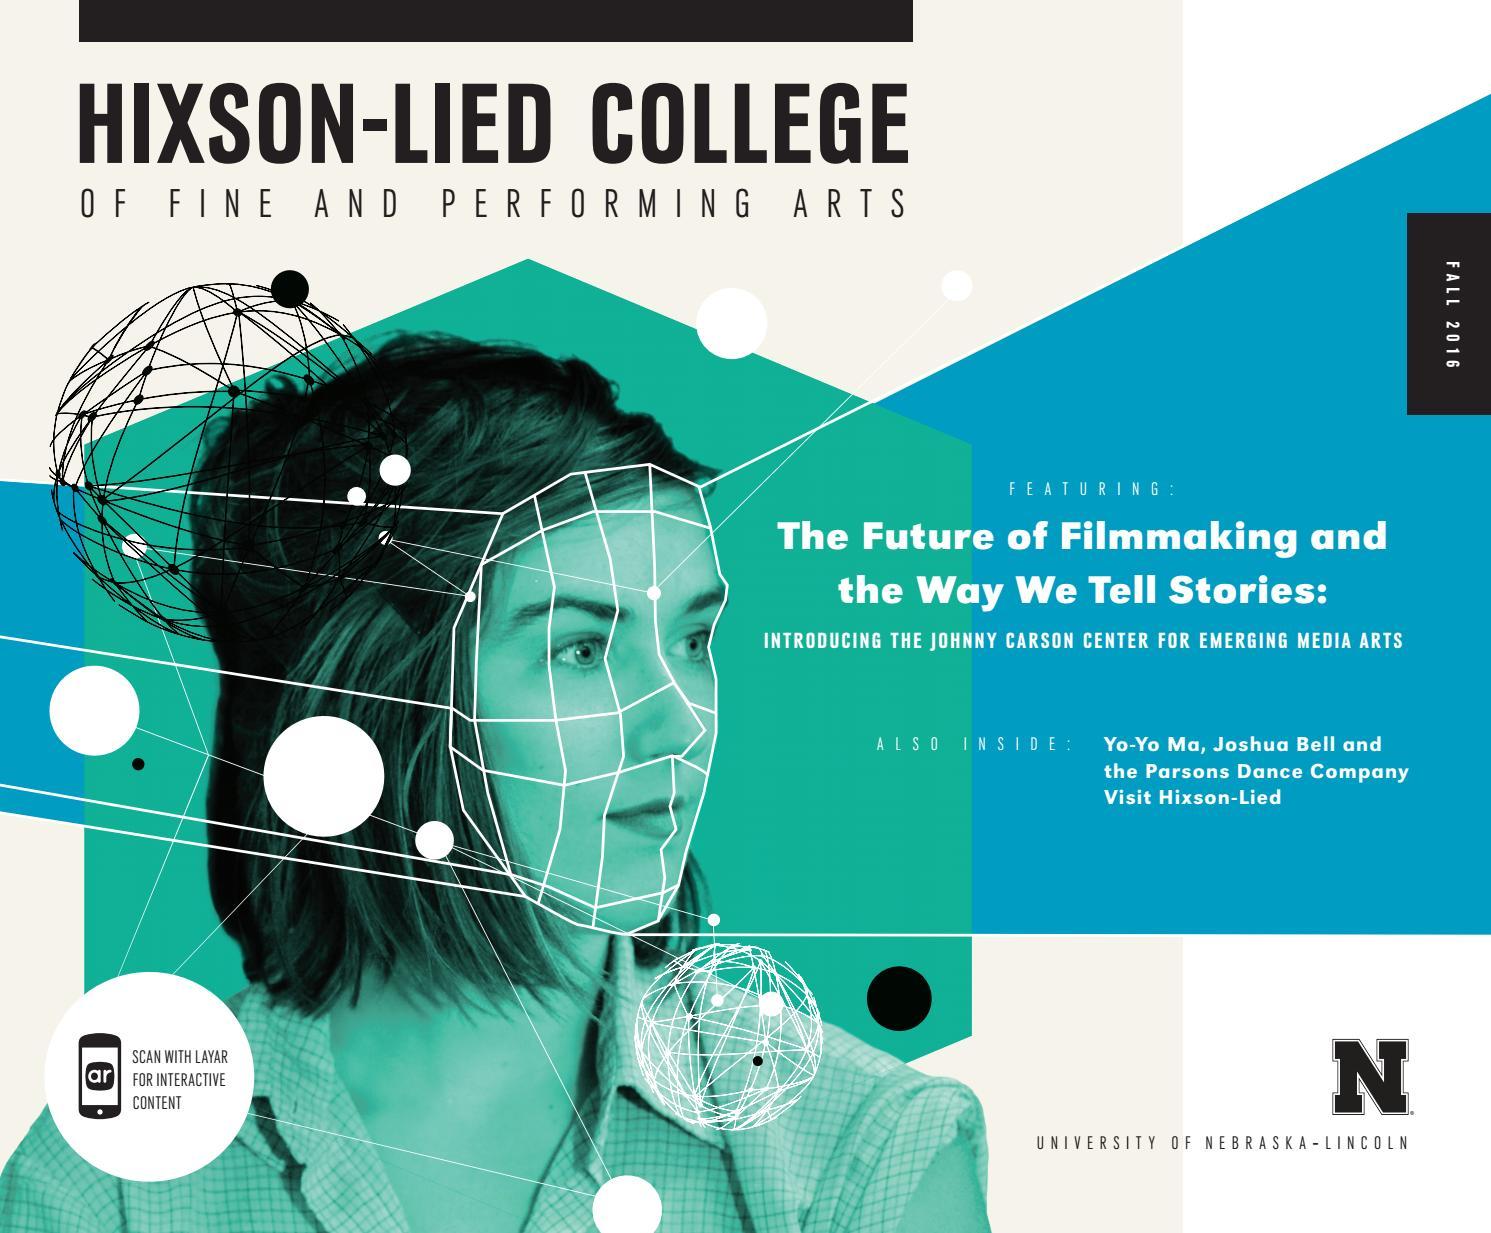 Fall 2016 Hixson-Lied College Magazine by UNLArts - issuu d54d62d737b5